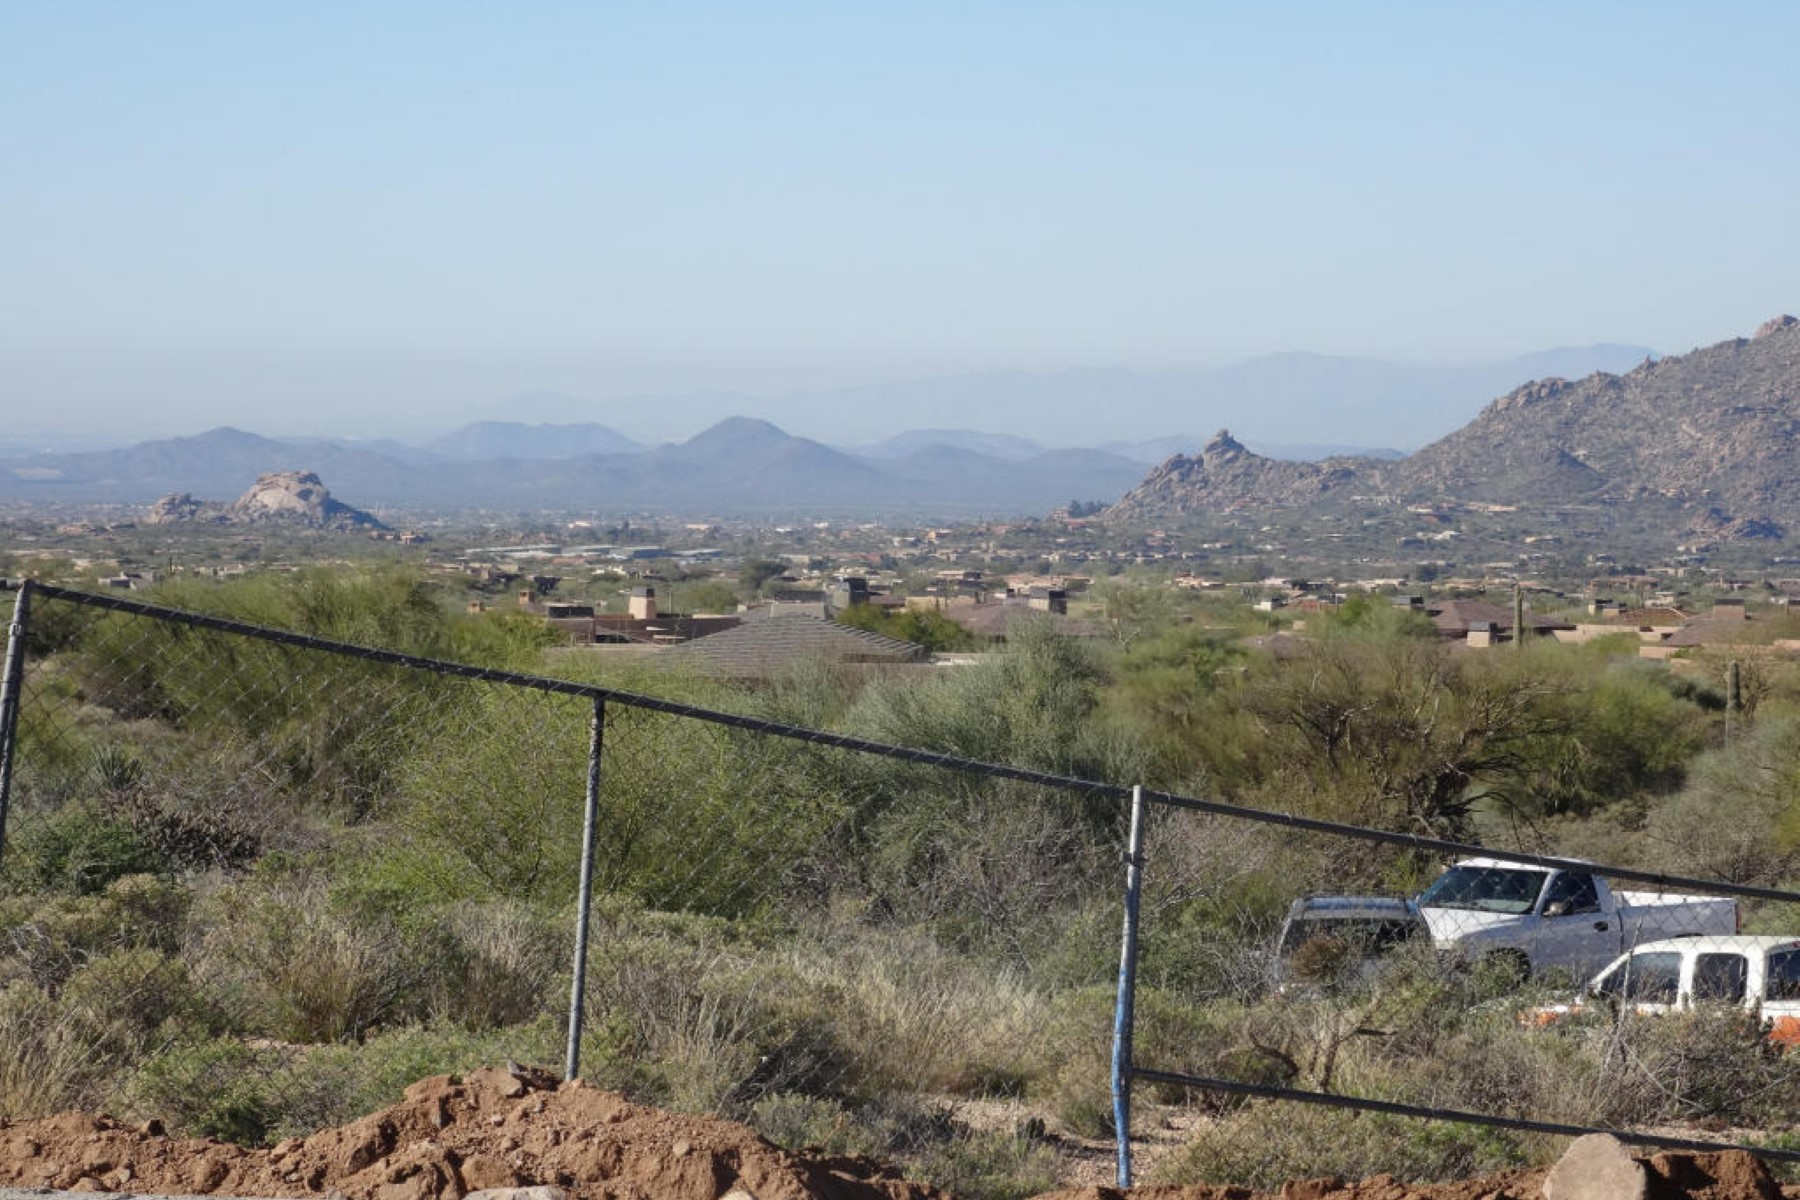 Casa Unifamiliar por un Venta en Innovative Design in Desert Mountain 39275 N 104th Way Scottsdale, Arizona 85262 Estados Unidos